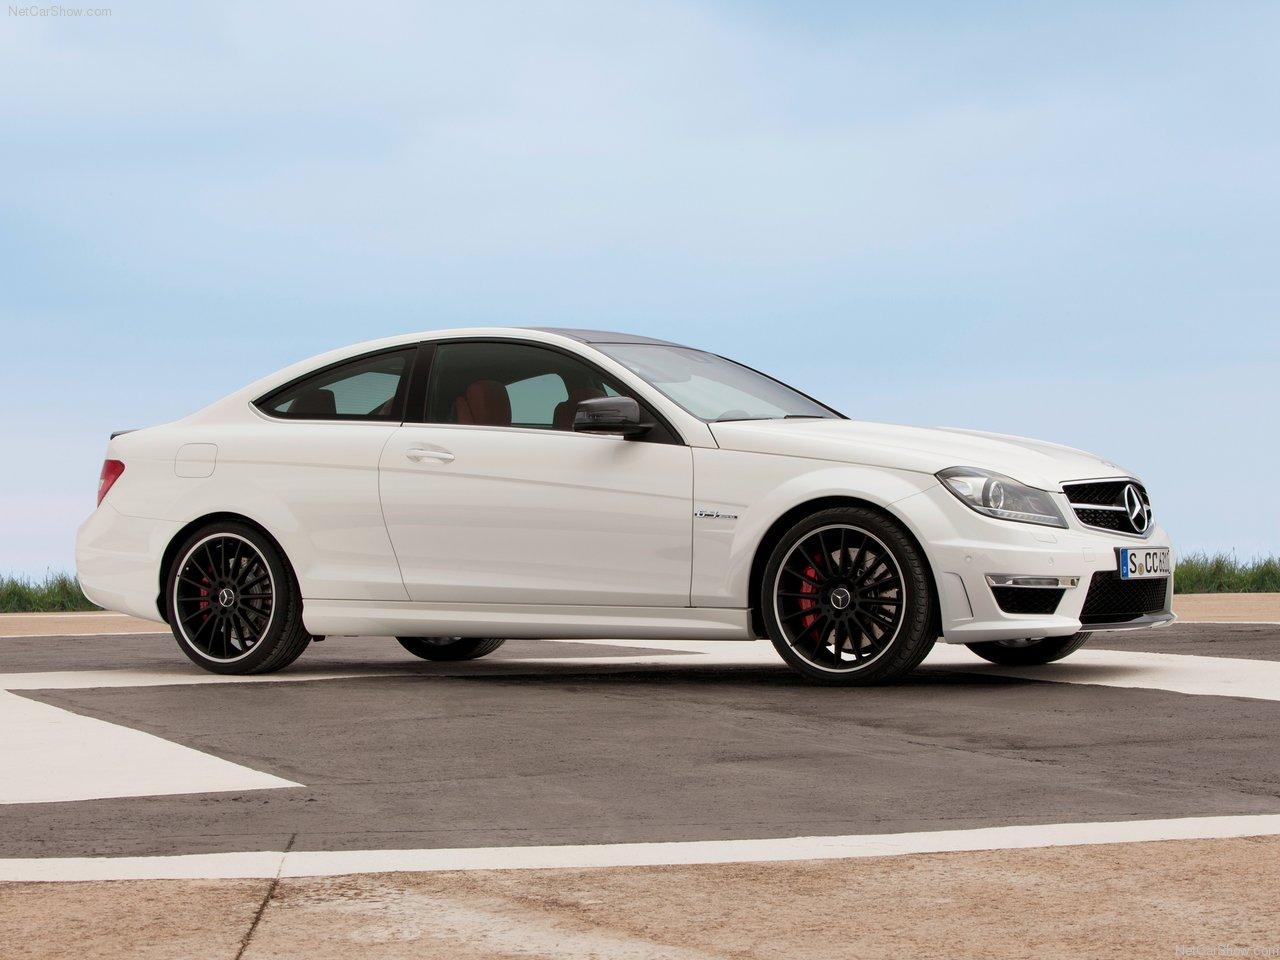 http://3.bp.blogspot.com/-0r5xS5hGFOU/TYYbUWblgbI/AAAAAAAAN2M/QTyFWom_FSc/s1600/Mercedes-Benz-C63_AMG_Coupe_2012_1280x960_wallpaper_09.jpg